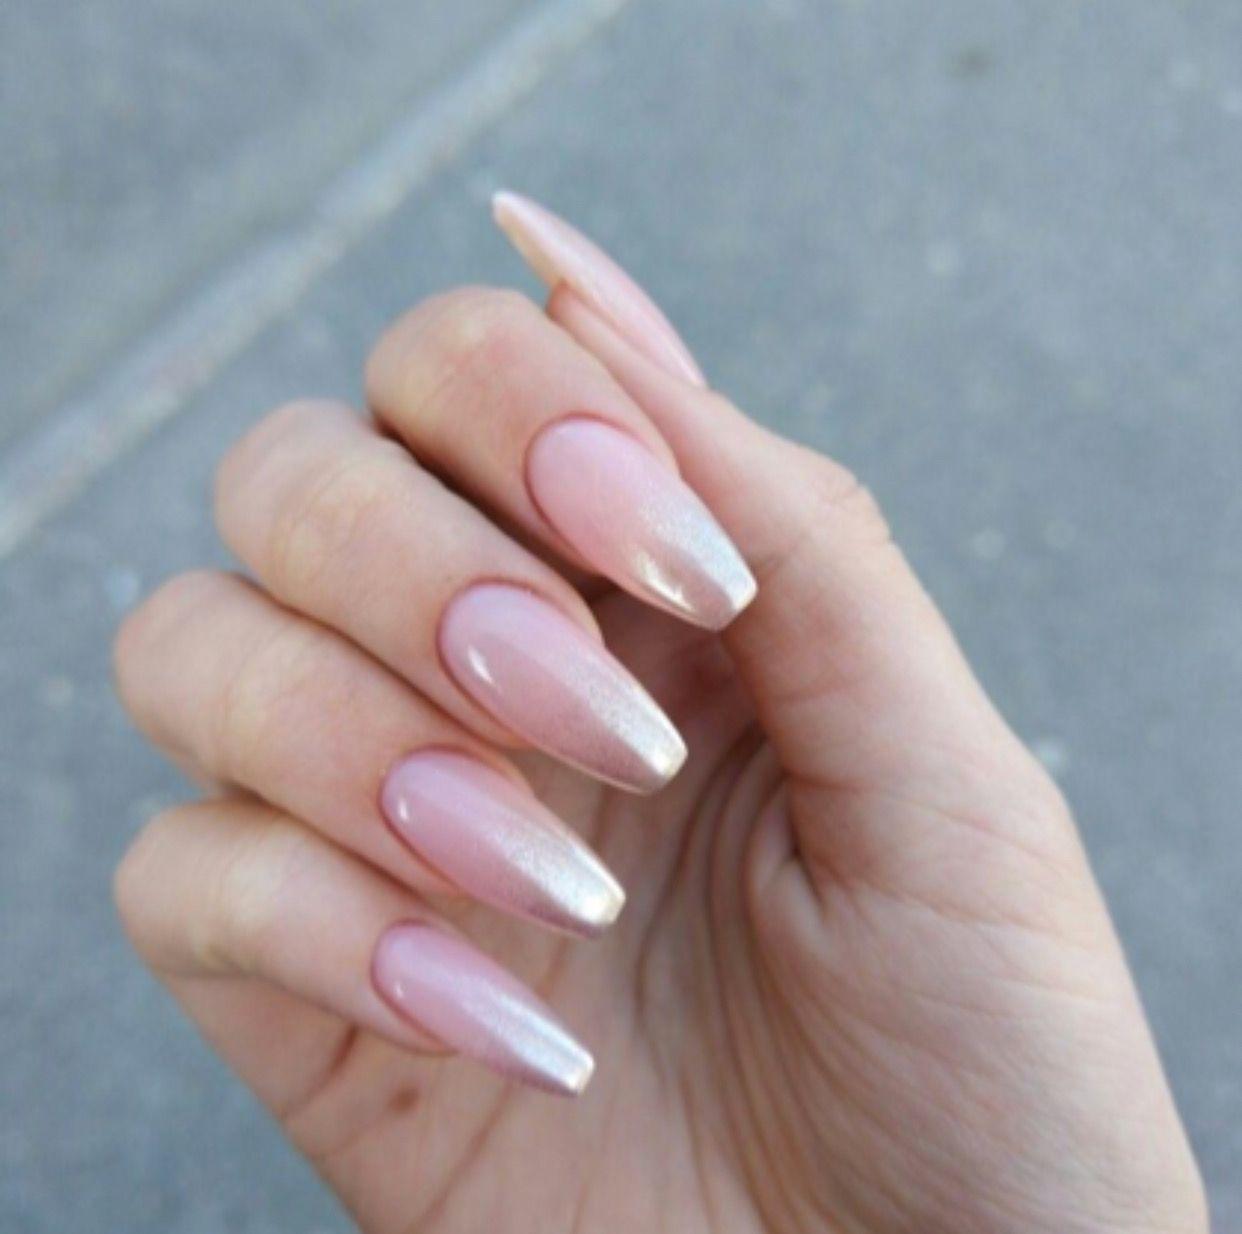 Fairy Dust Ombré Coffin Nails | Nails | Pinterest | Coffin nails ...